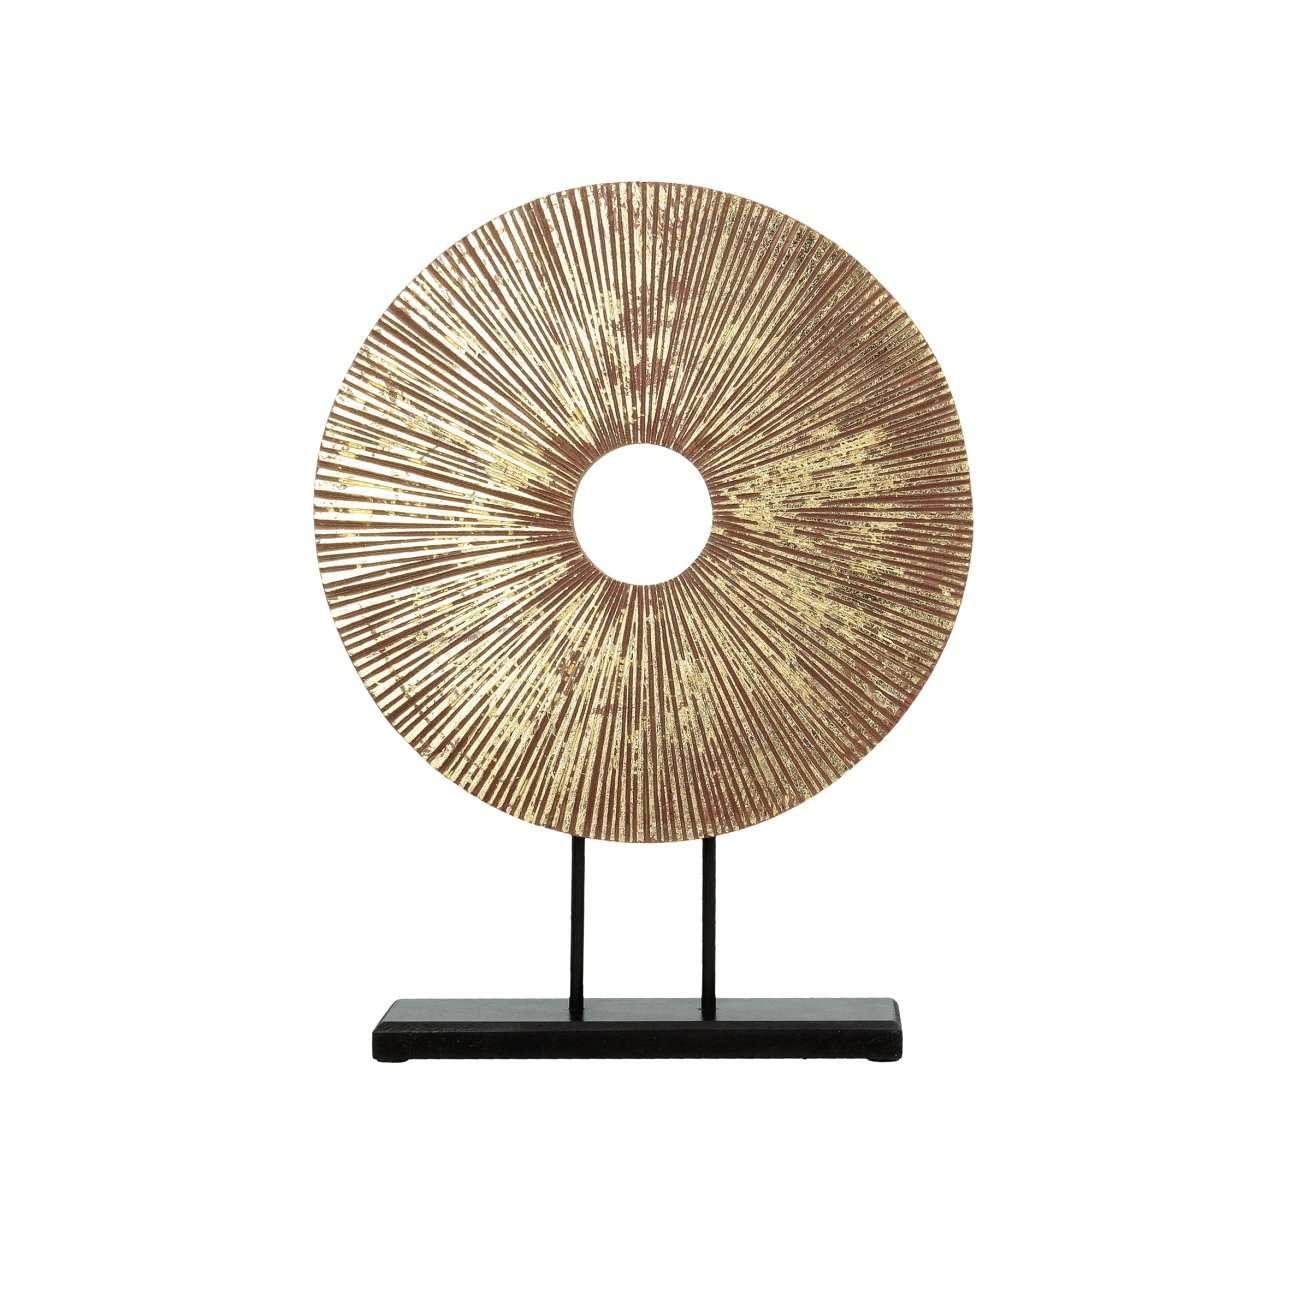 Dekoracja - rzeźba Ring wys. 40cm